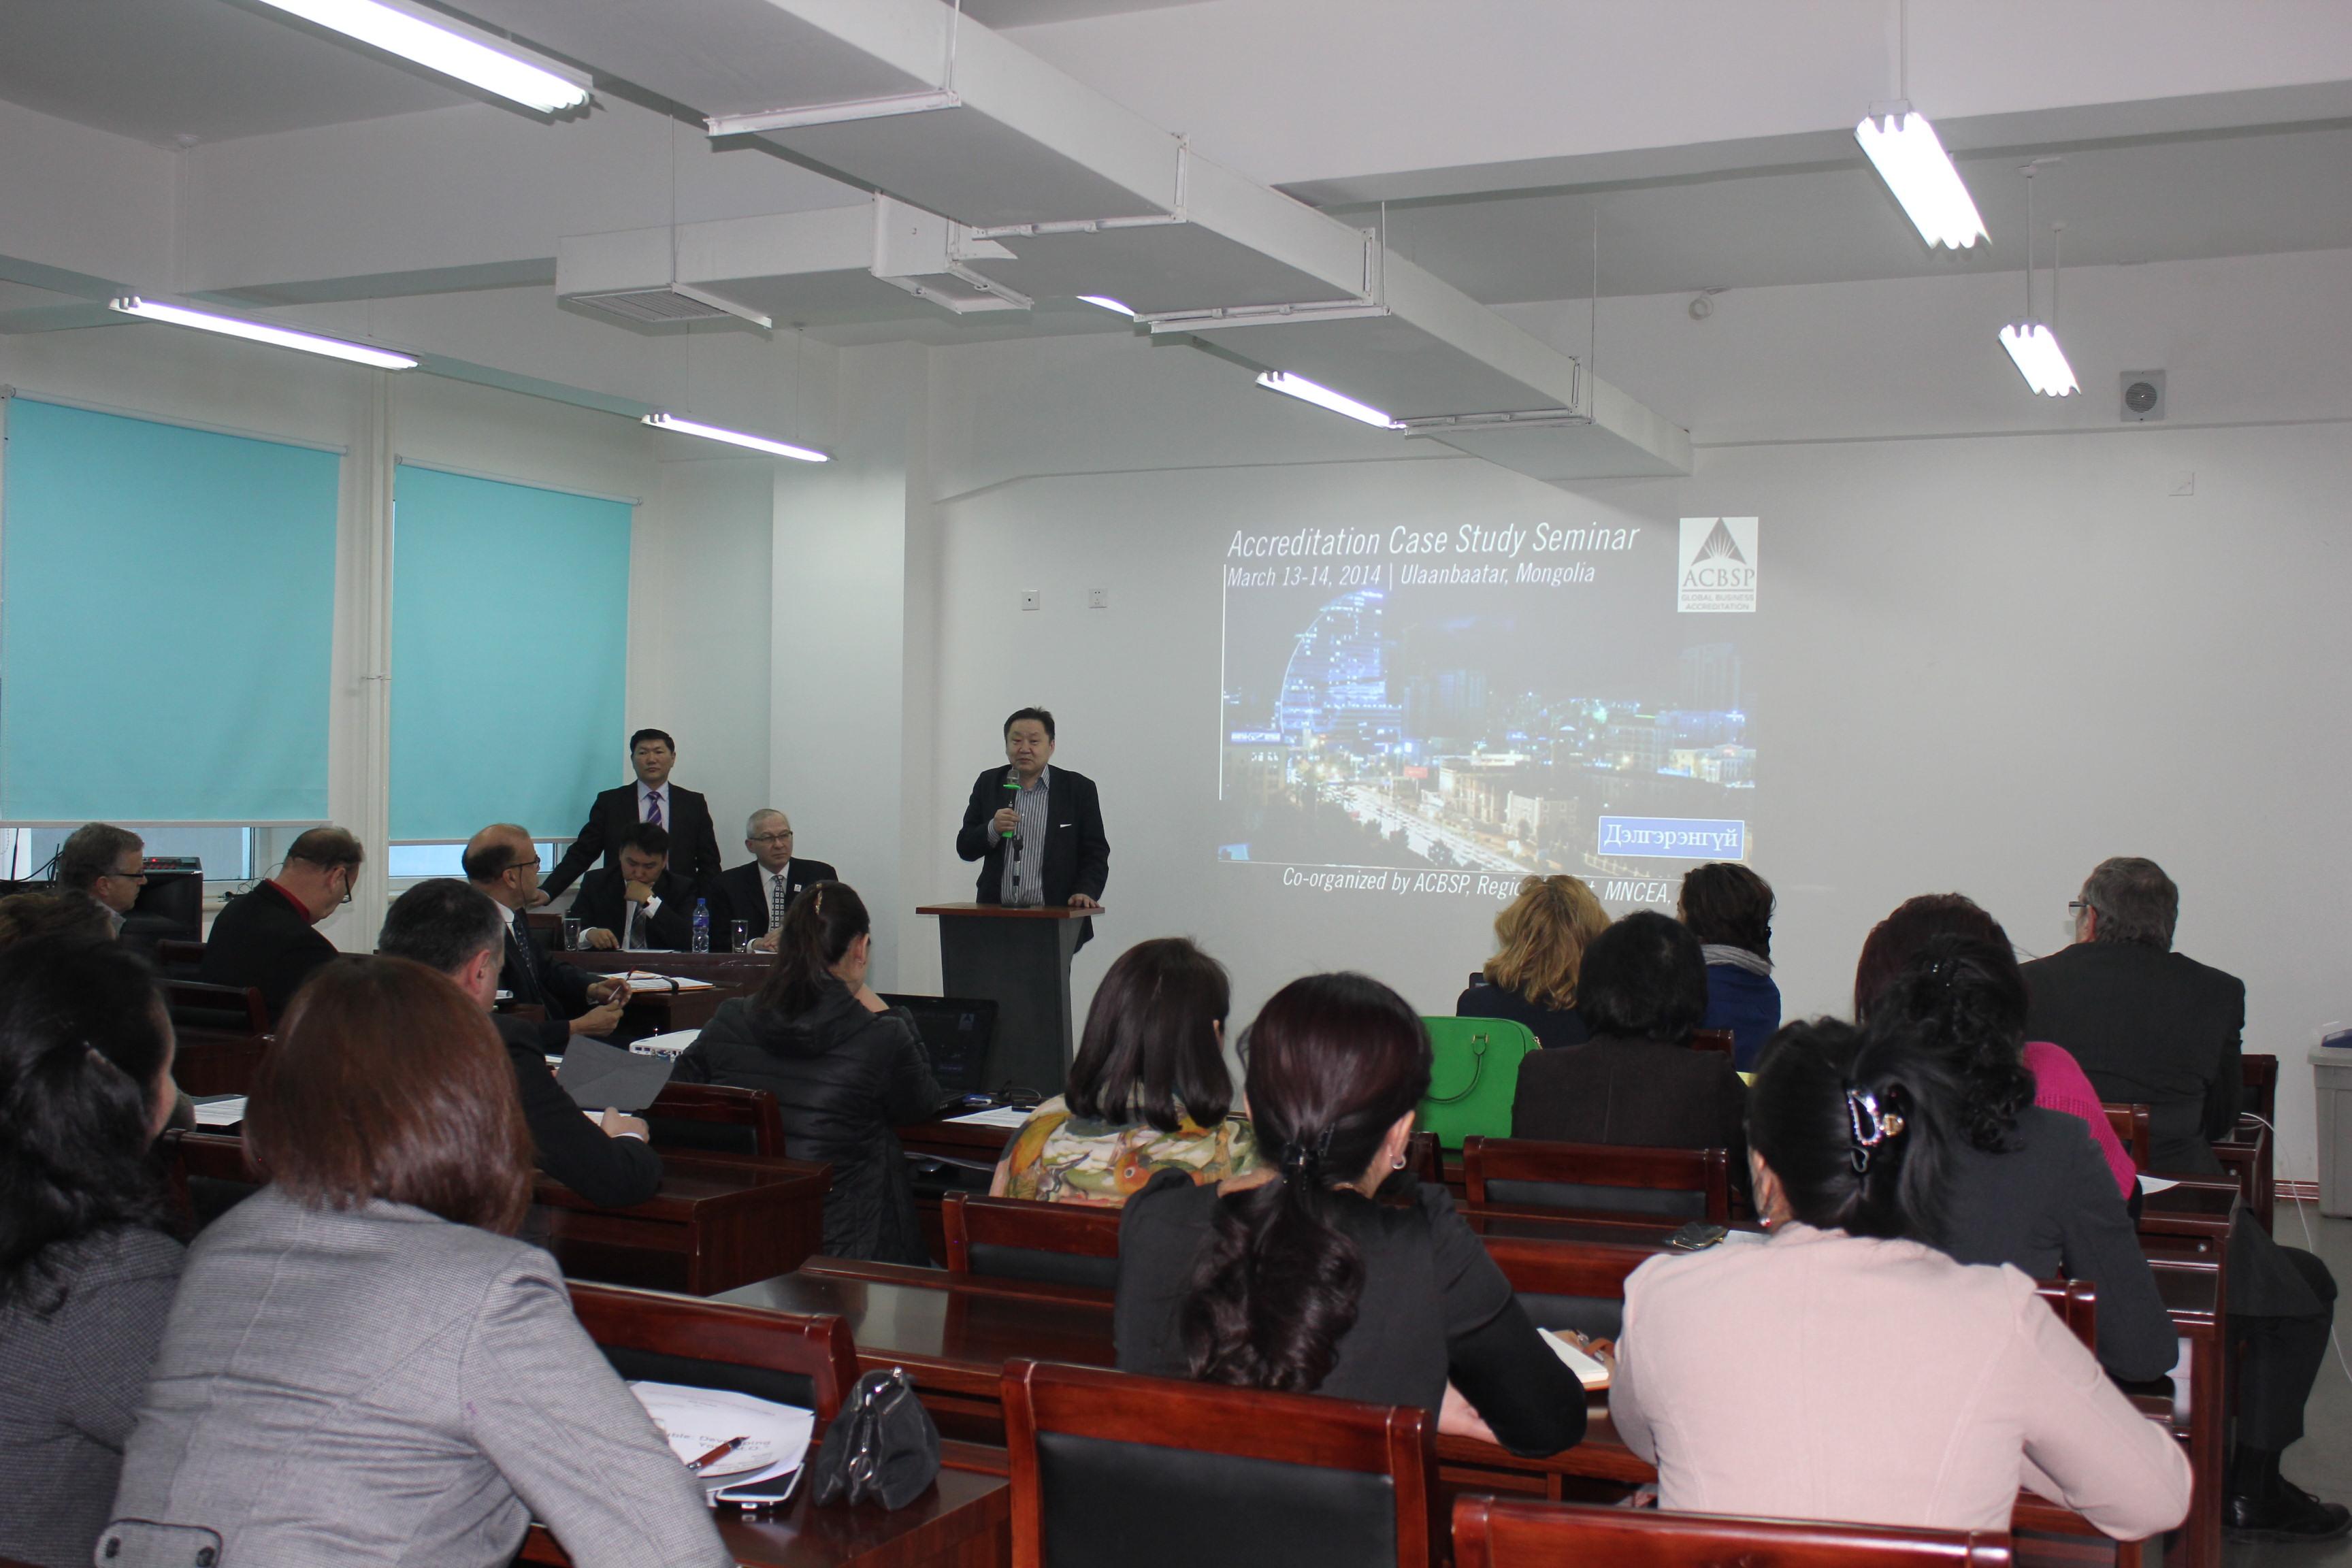 """ACBSP-ийн 8-р бүсийн хурал, """"Олон улсын магадлан итгэмжлэл"""" сургалт Улаанбаатар хотод зохион байгуулагдлаа"""